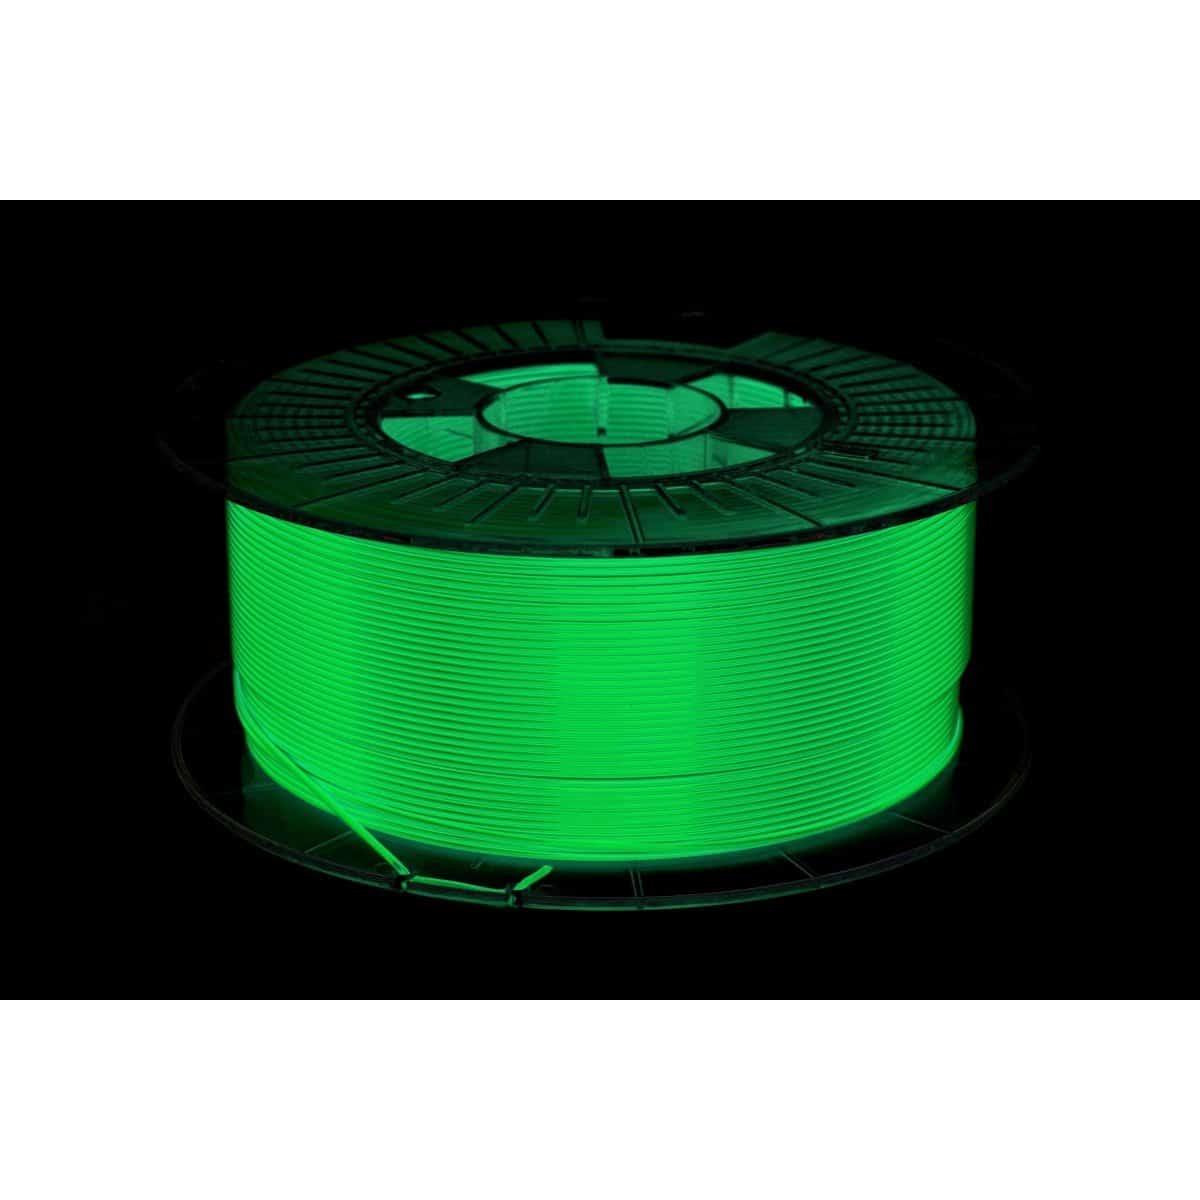 Billede af Spectrum Filaments - PLA - 1.75mm - Glow in the Dark - 1 kg